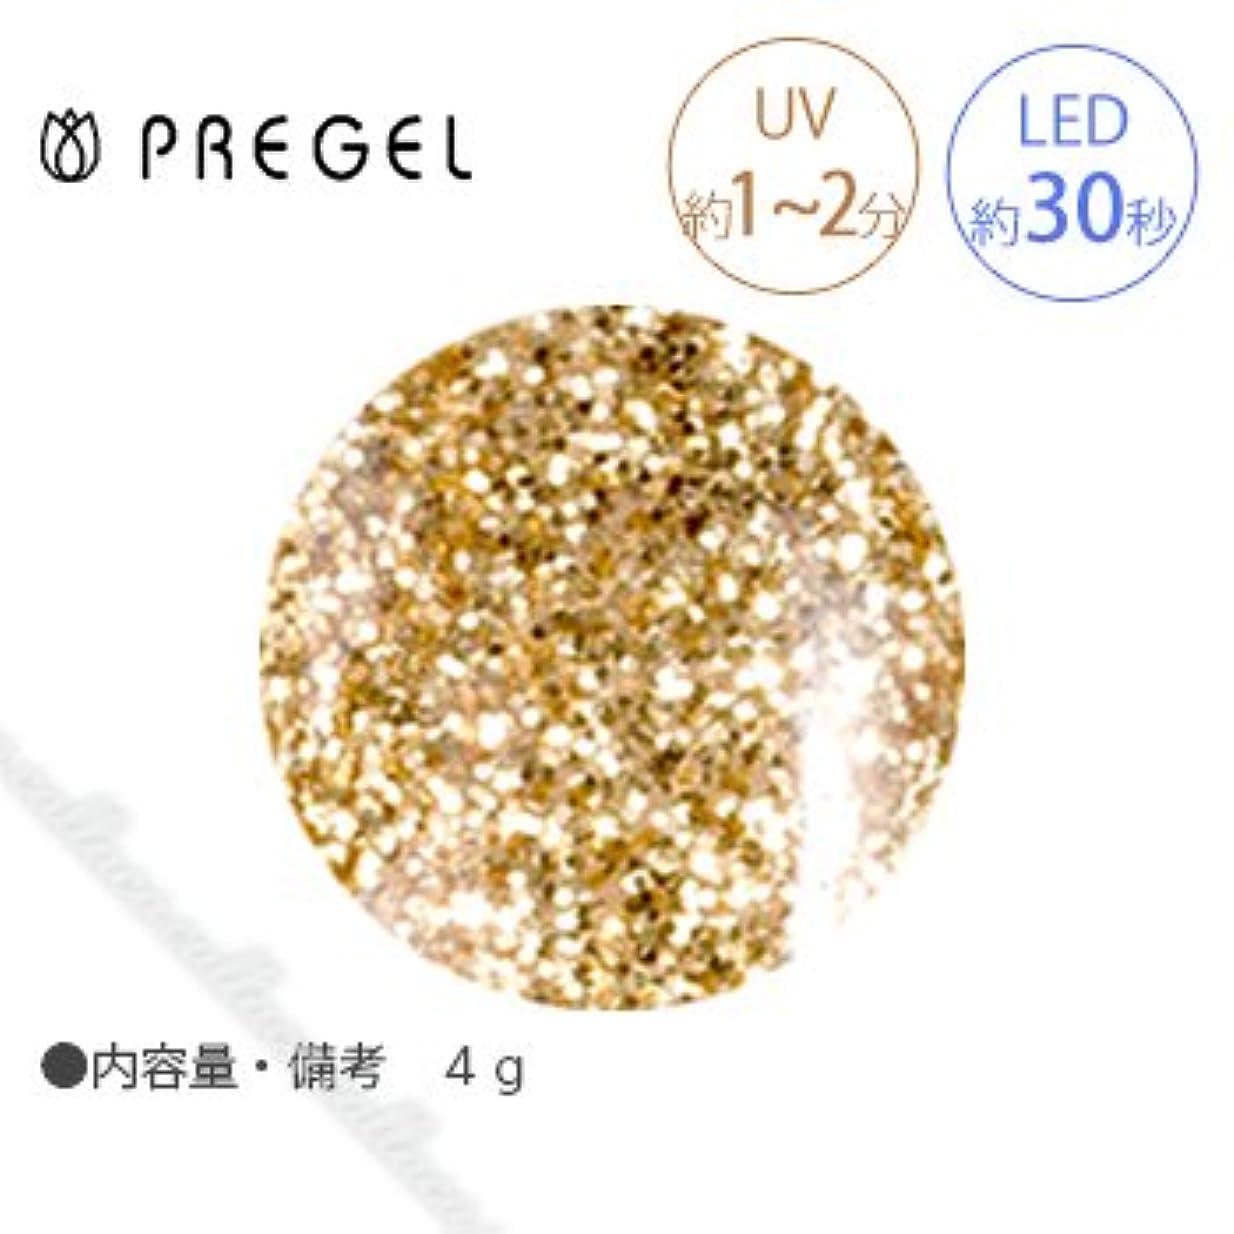 フクロウ市民パイロット【PREGEL】 プリジェル カラーEX ダイヤモンドシリーズ ダイヤモンドブロンズ PG-CE402 4g